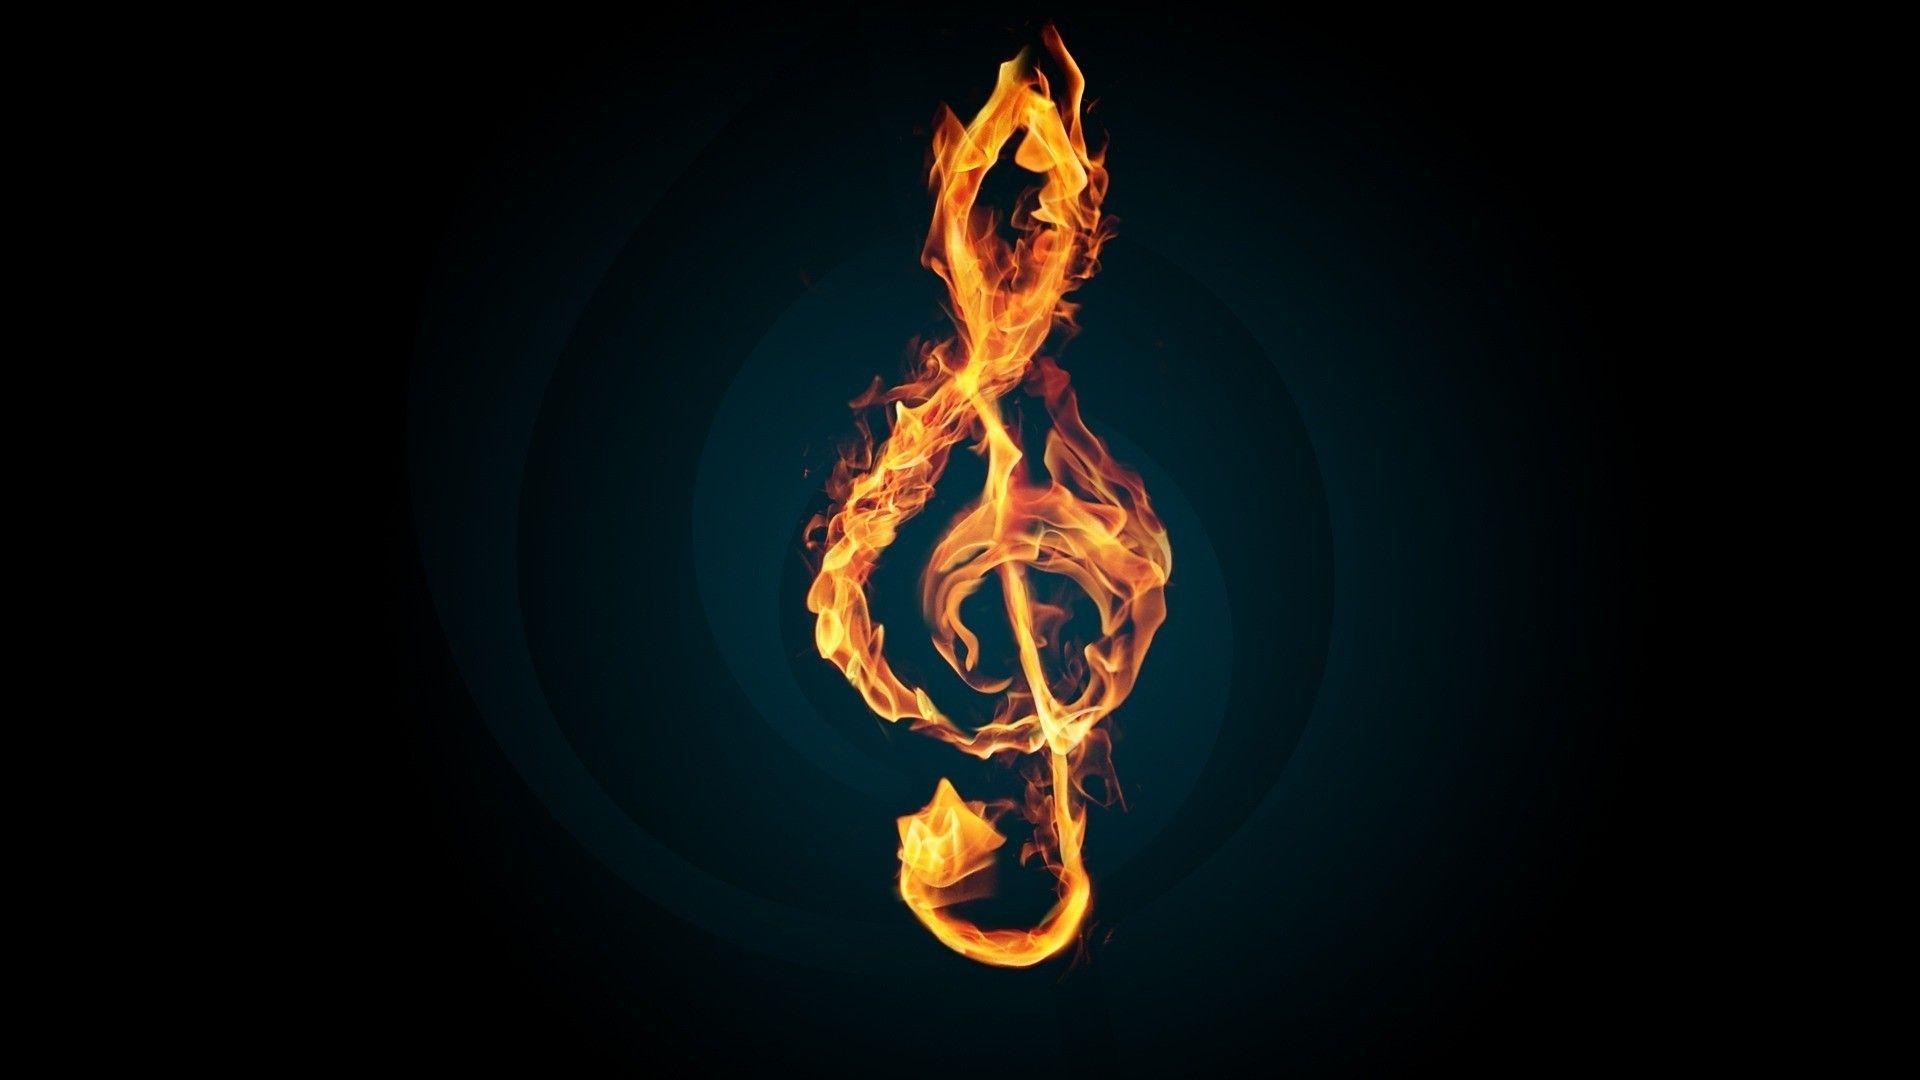 3d Music 3d Burning Music Notes Hd Musik Wallpaper Hintergrundbilder Iphone Handy Iphone